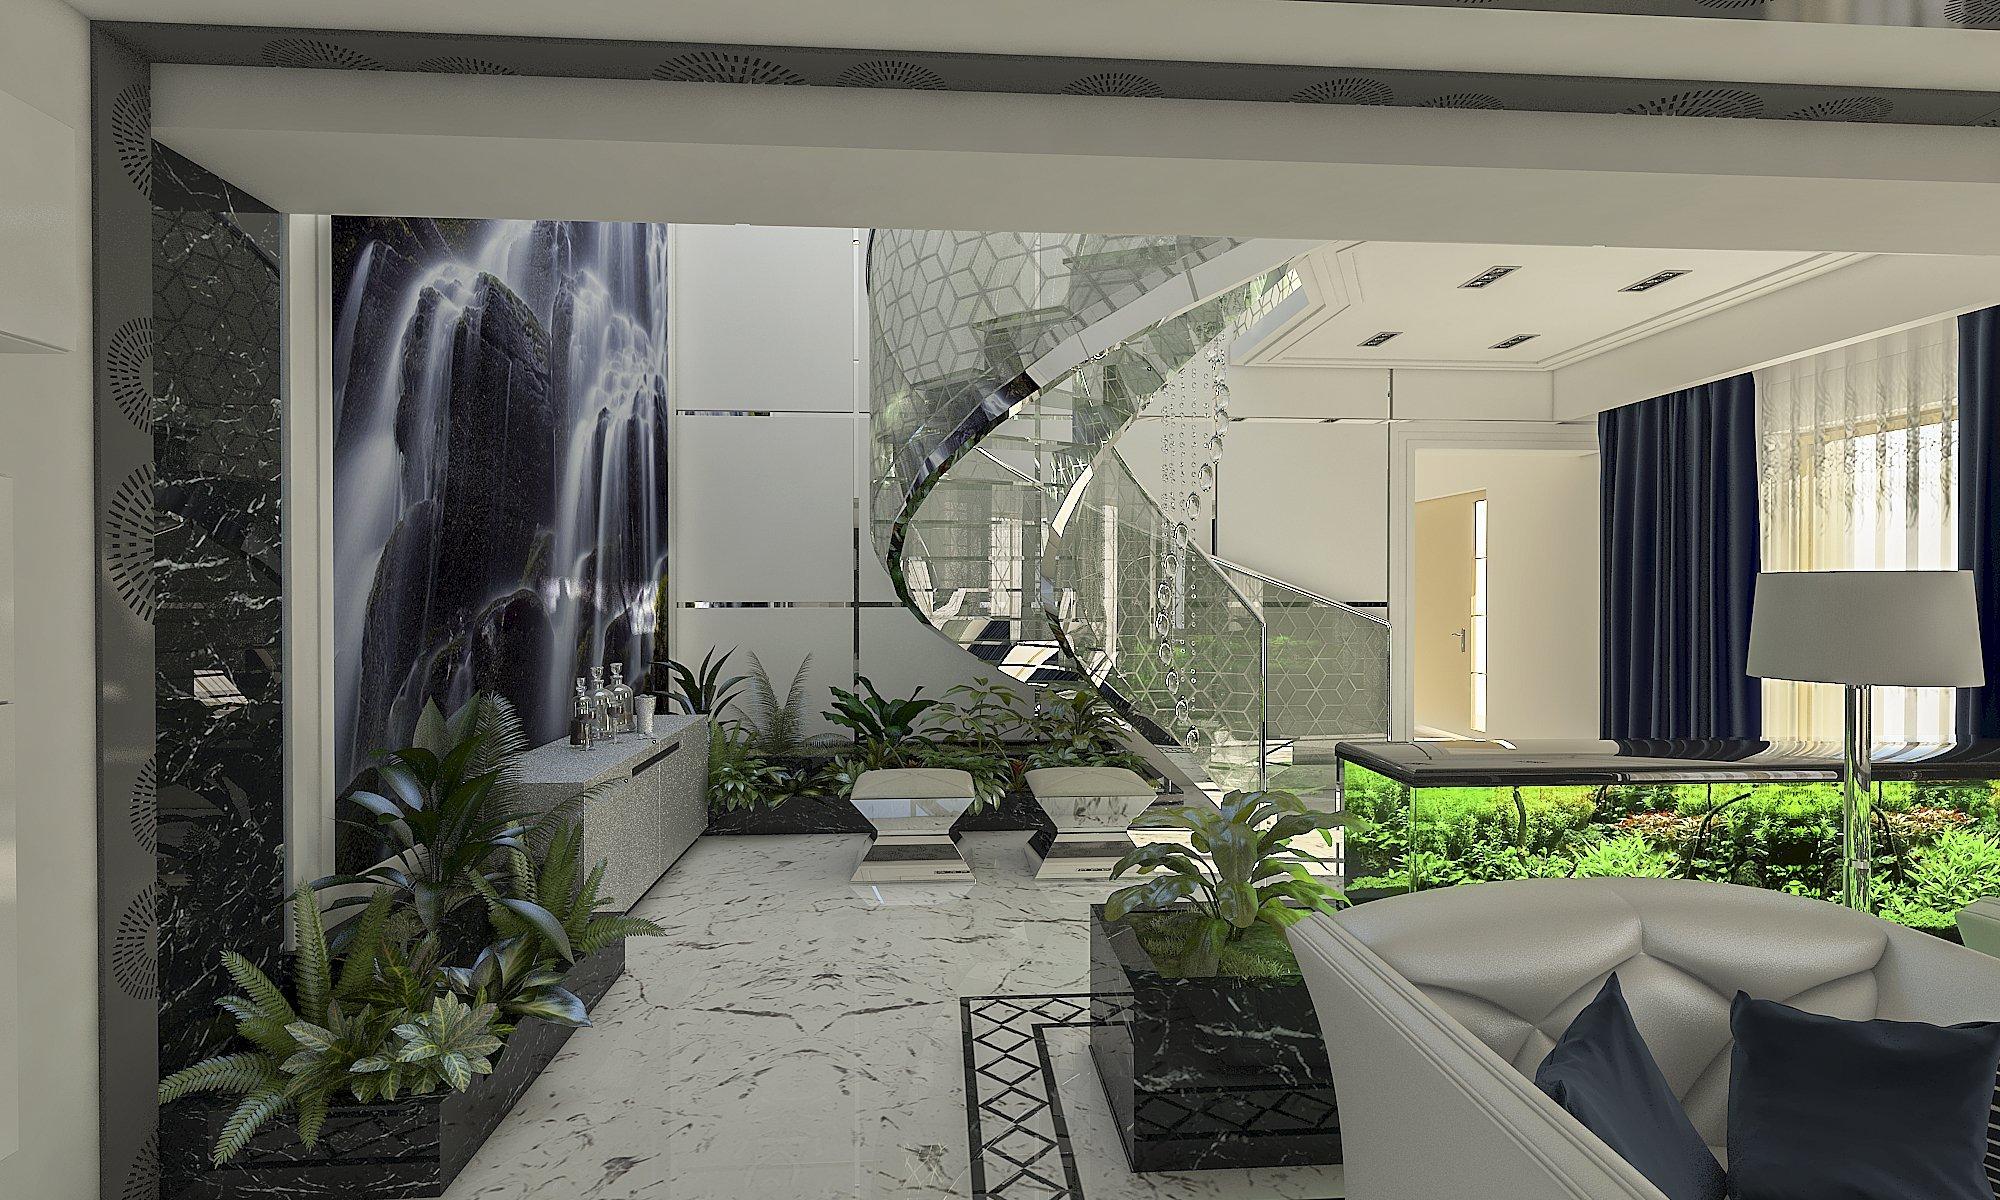 AMENAJARE INTERIOARA & EXTERIOARA - CASA MODERNA CU ACCENTE LUXURY studio insign proiect